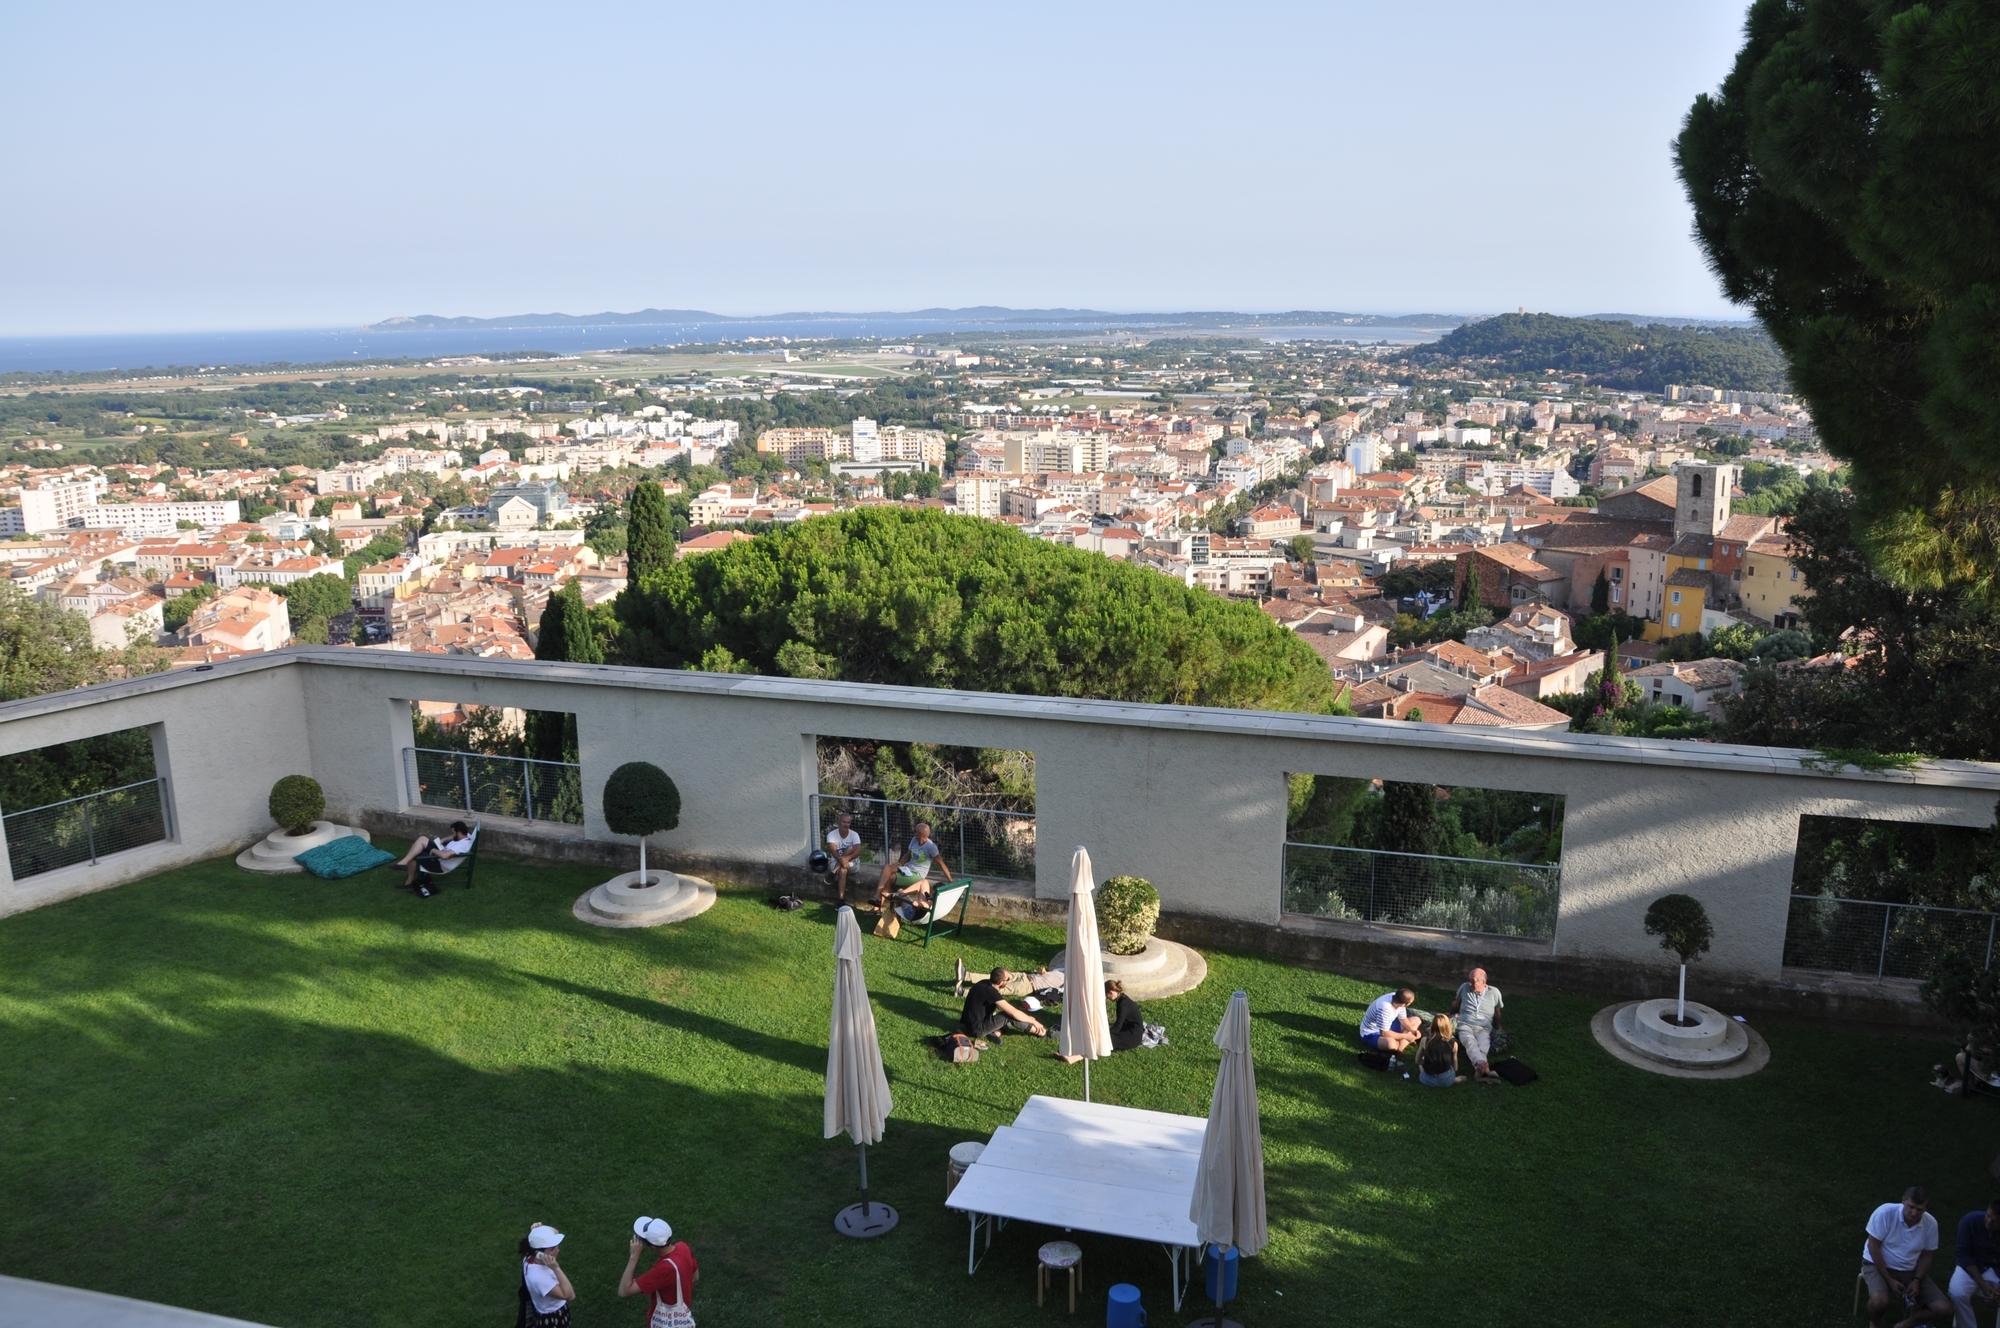 villa noailles 224 hy232res hy232res tourisme